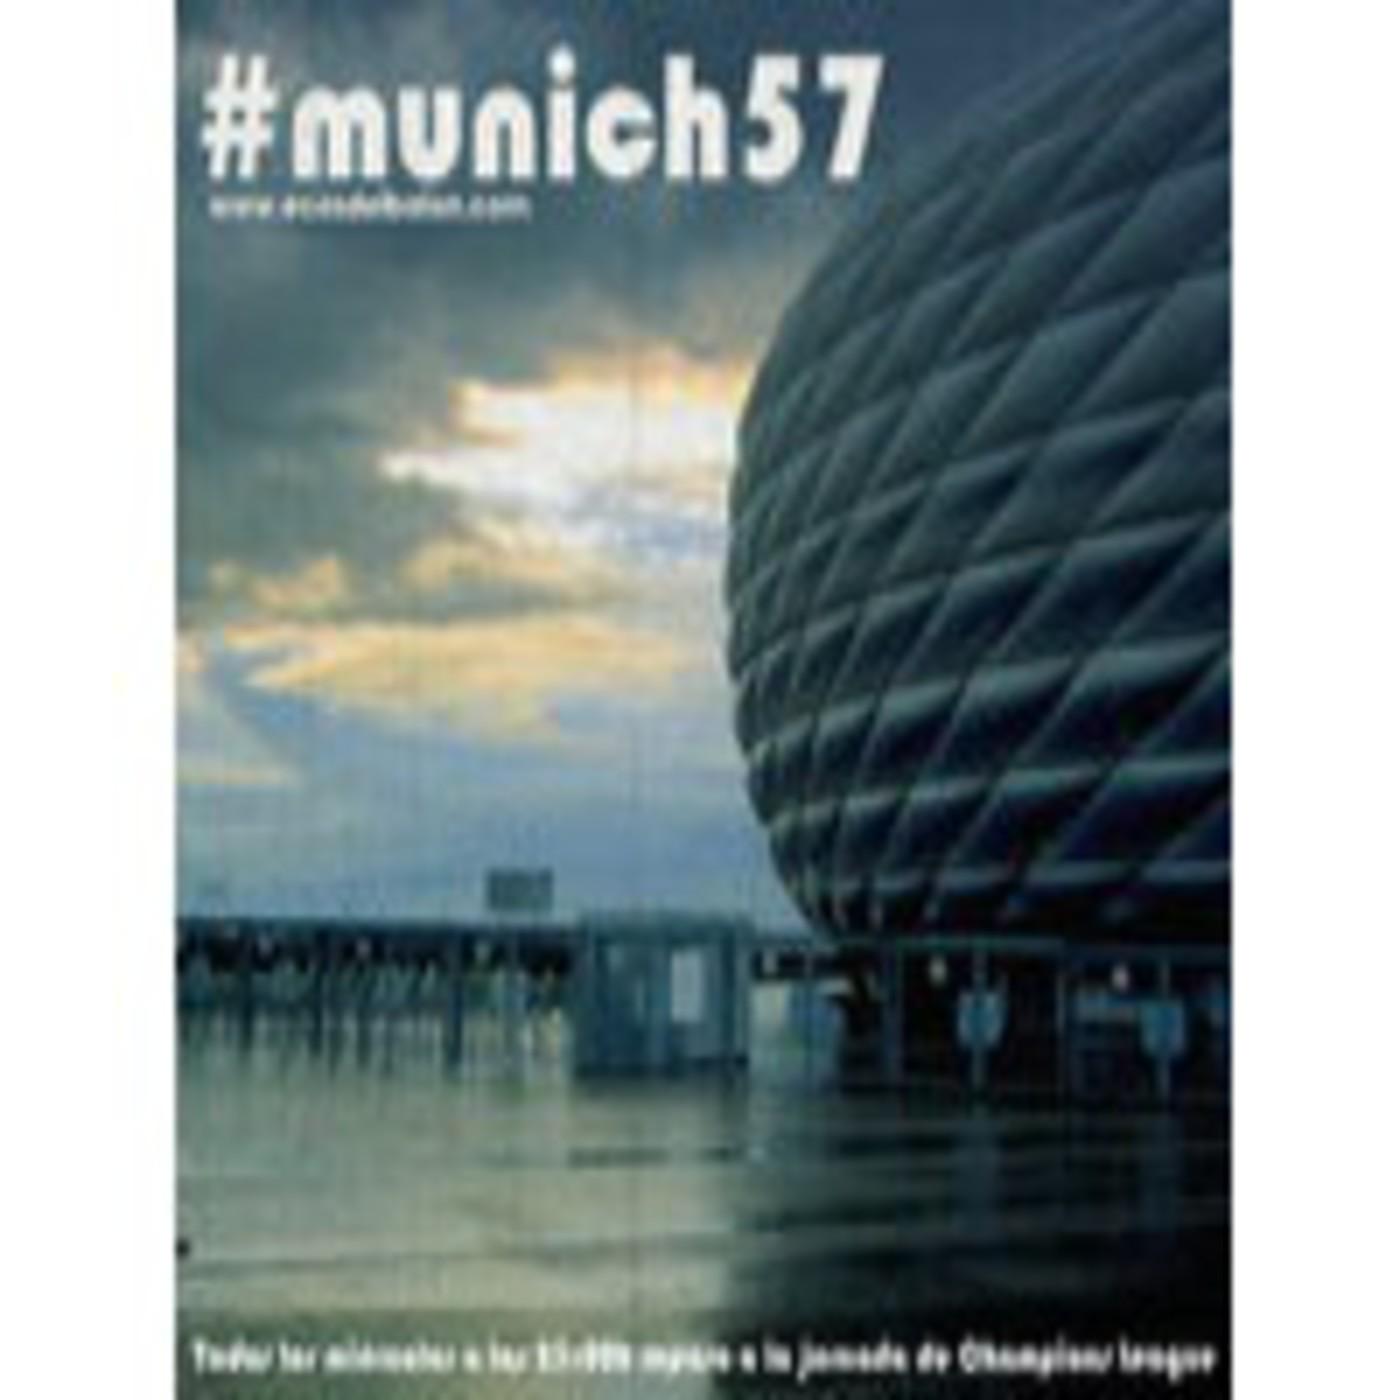 Munich 57 (07-03-12)